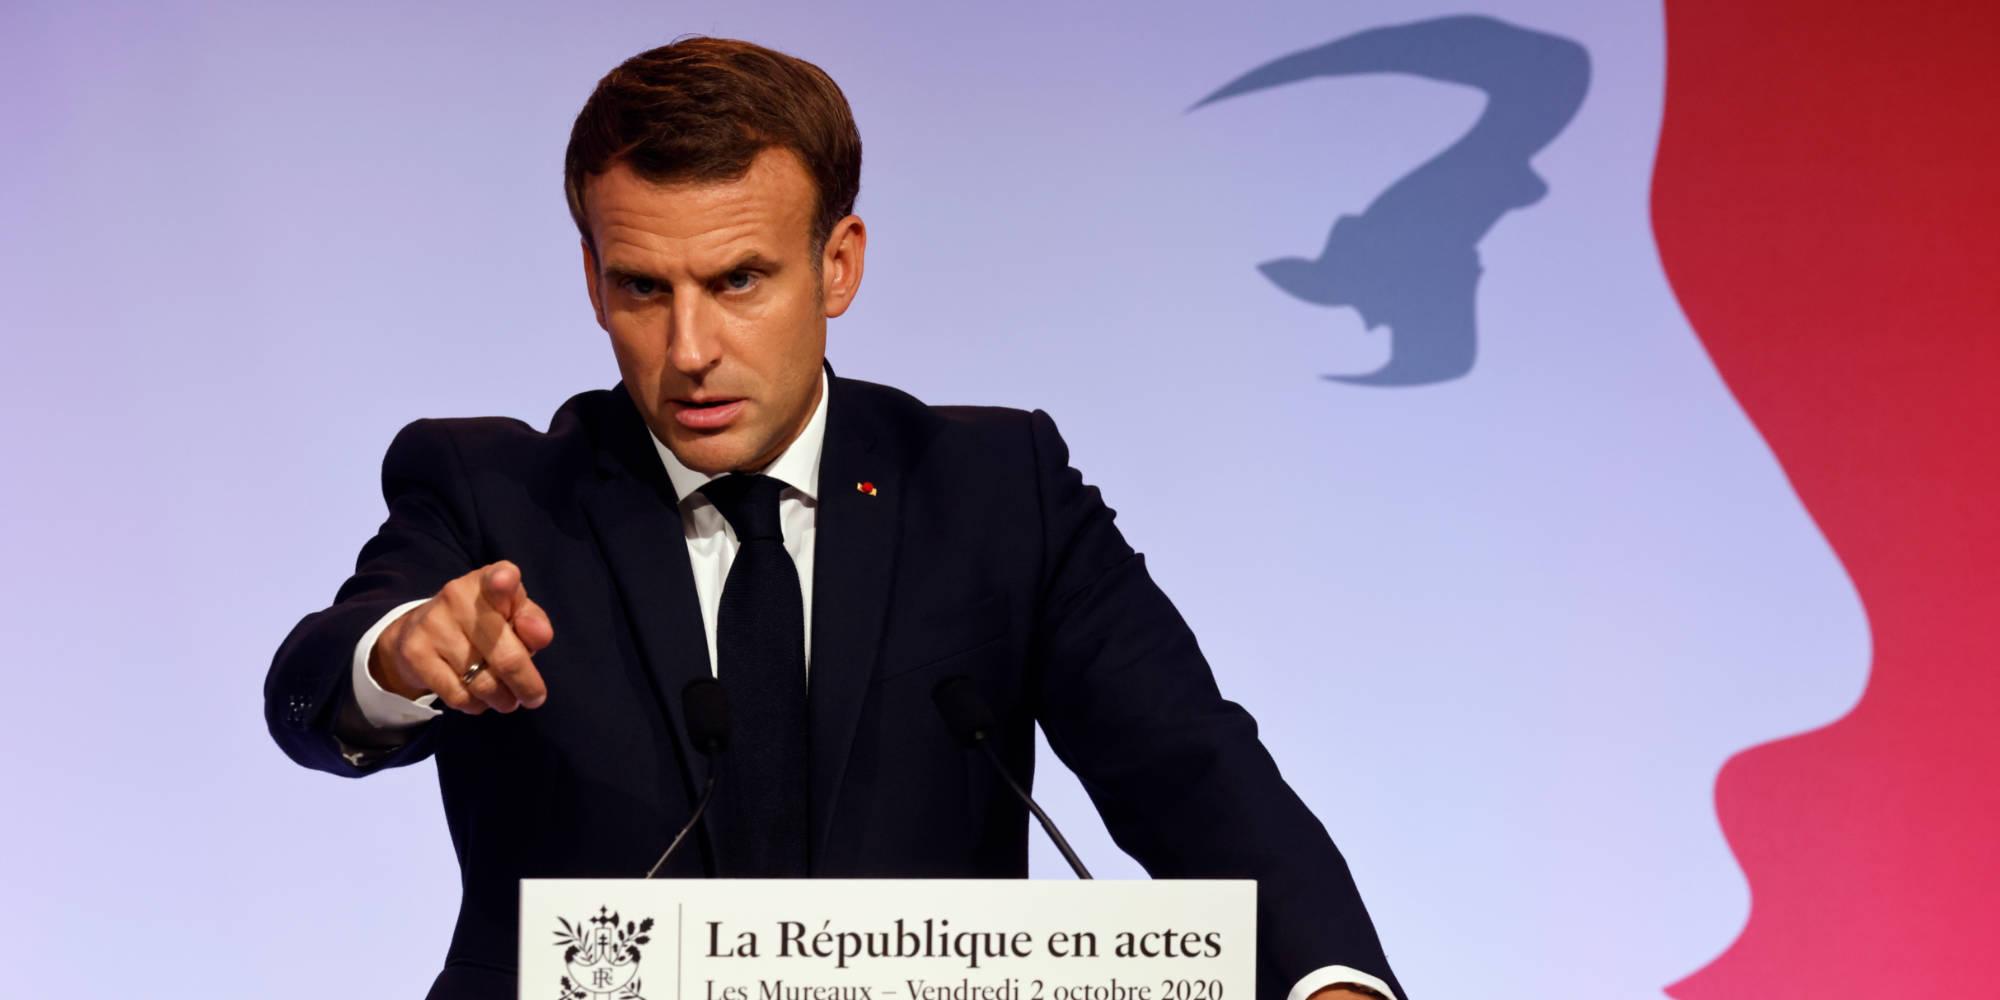 Emmanuel Macron Plaide Pour Enseigner Davantage La Langue Arabe A L Ecole